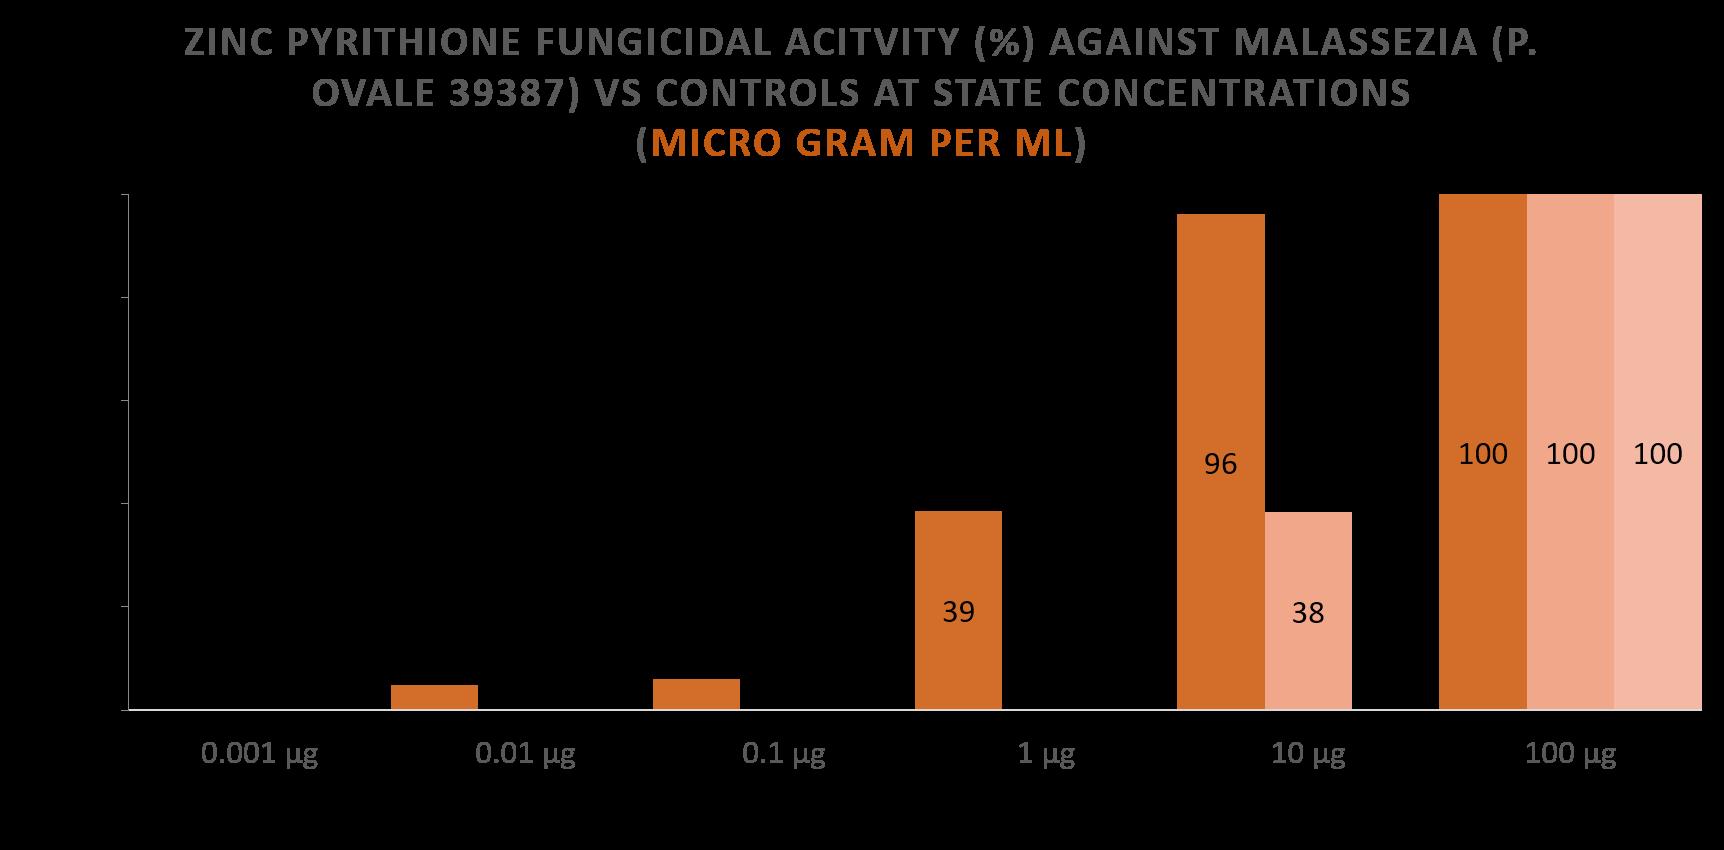 Zinc Pyrithione Soap Fungicidal Activity Against Malassezia vs Controls - Comparison Chart